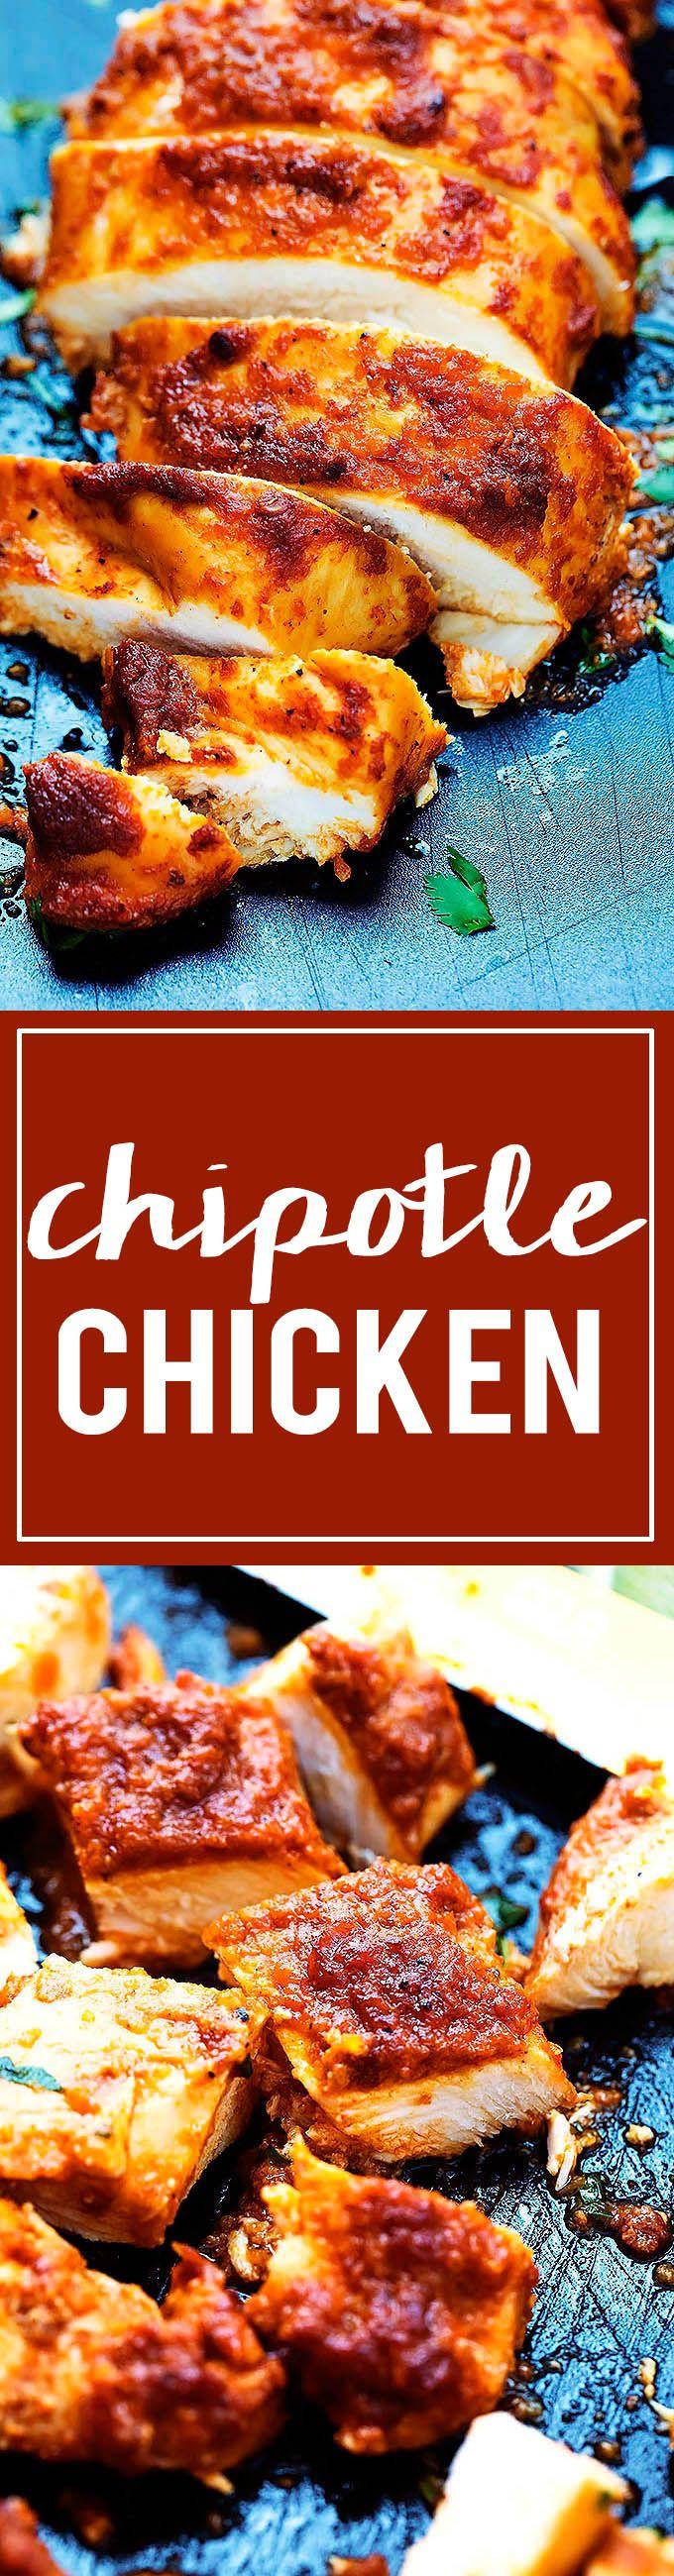 Baked Chipotle Chicken | Creme de la Crumb